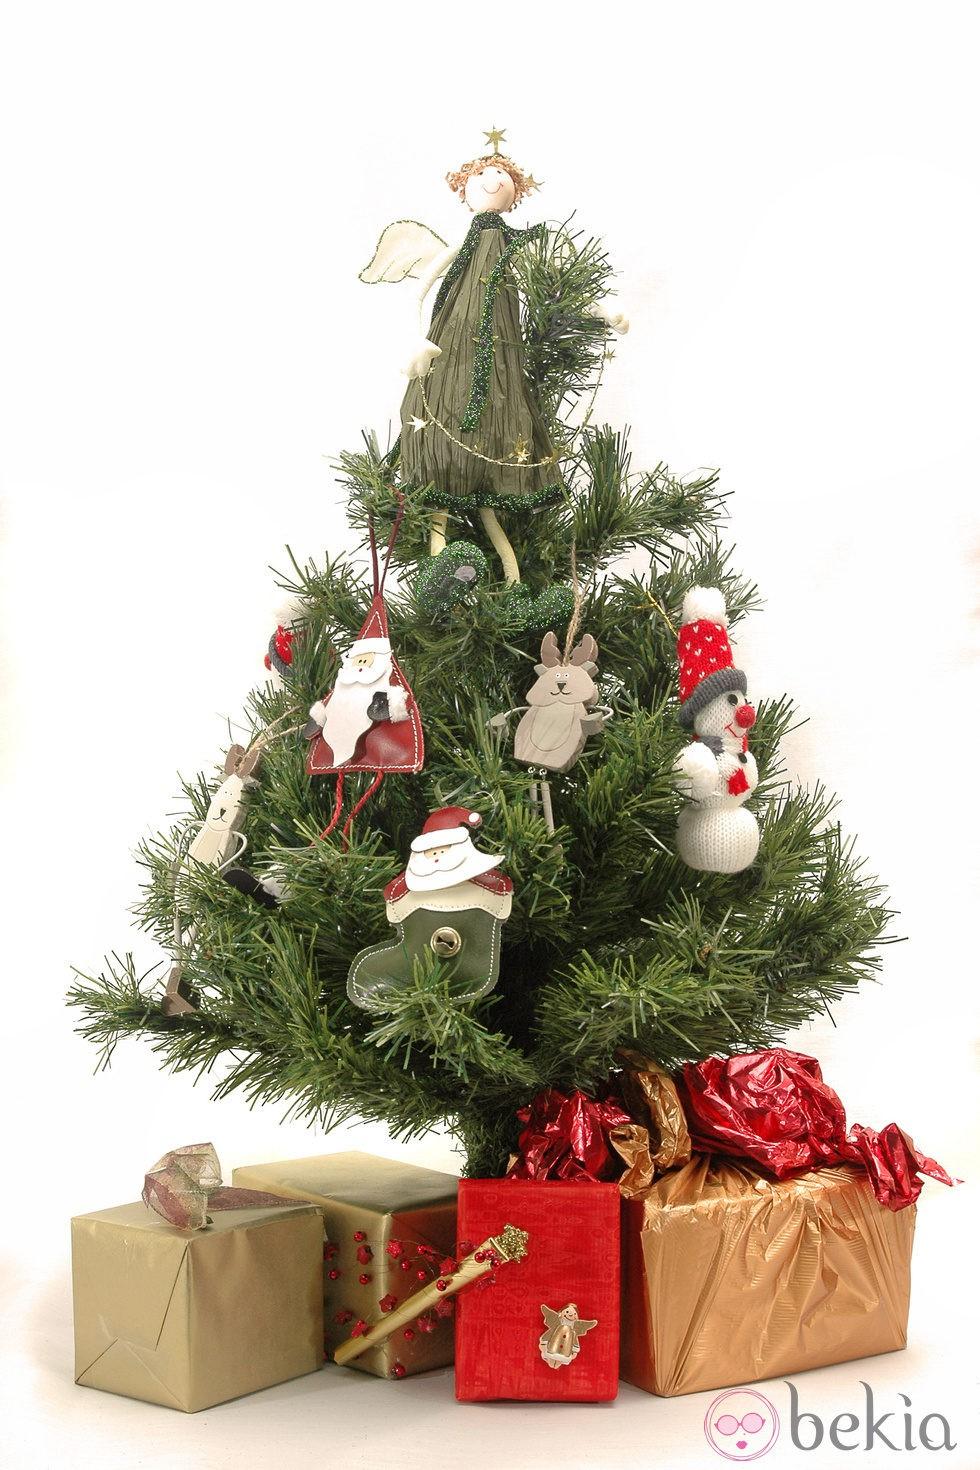 Rbol de navidad decorado con mu ecos de tem tica navide a for Ideas para decorar el arbol de navidad